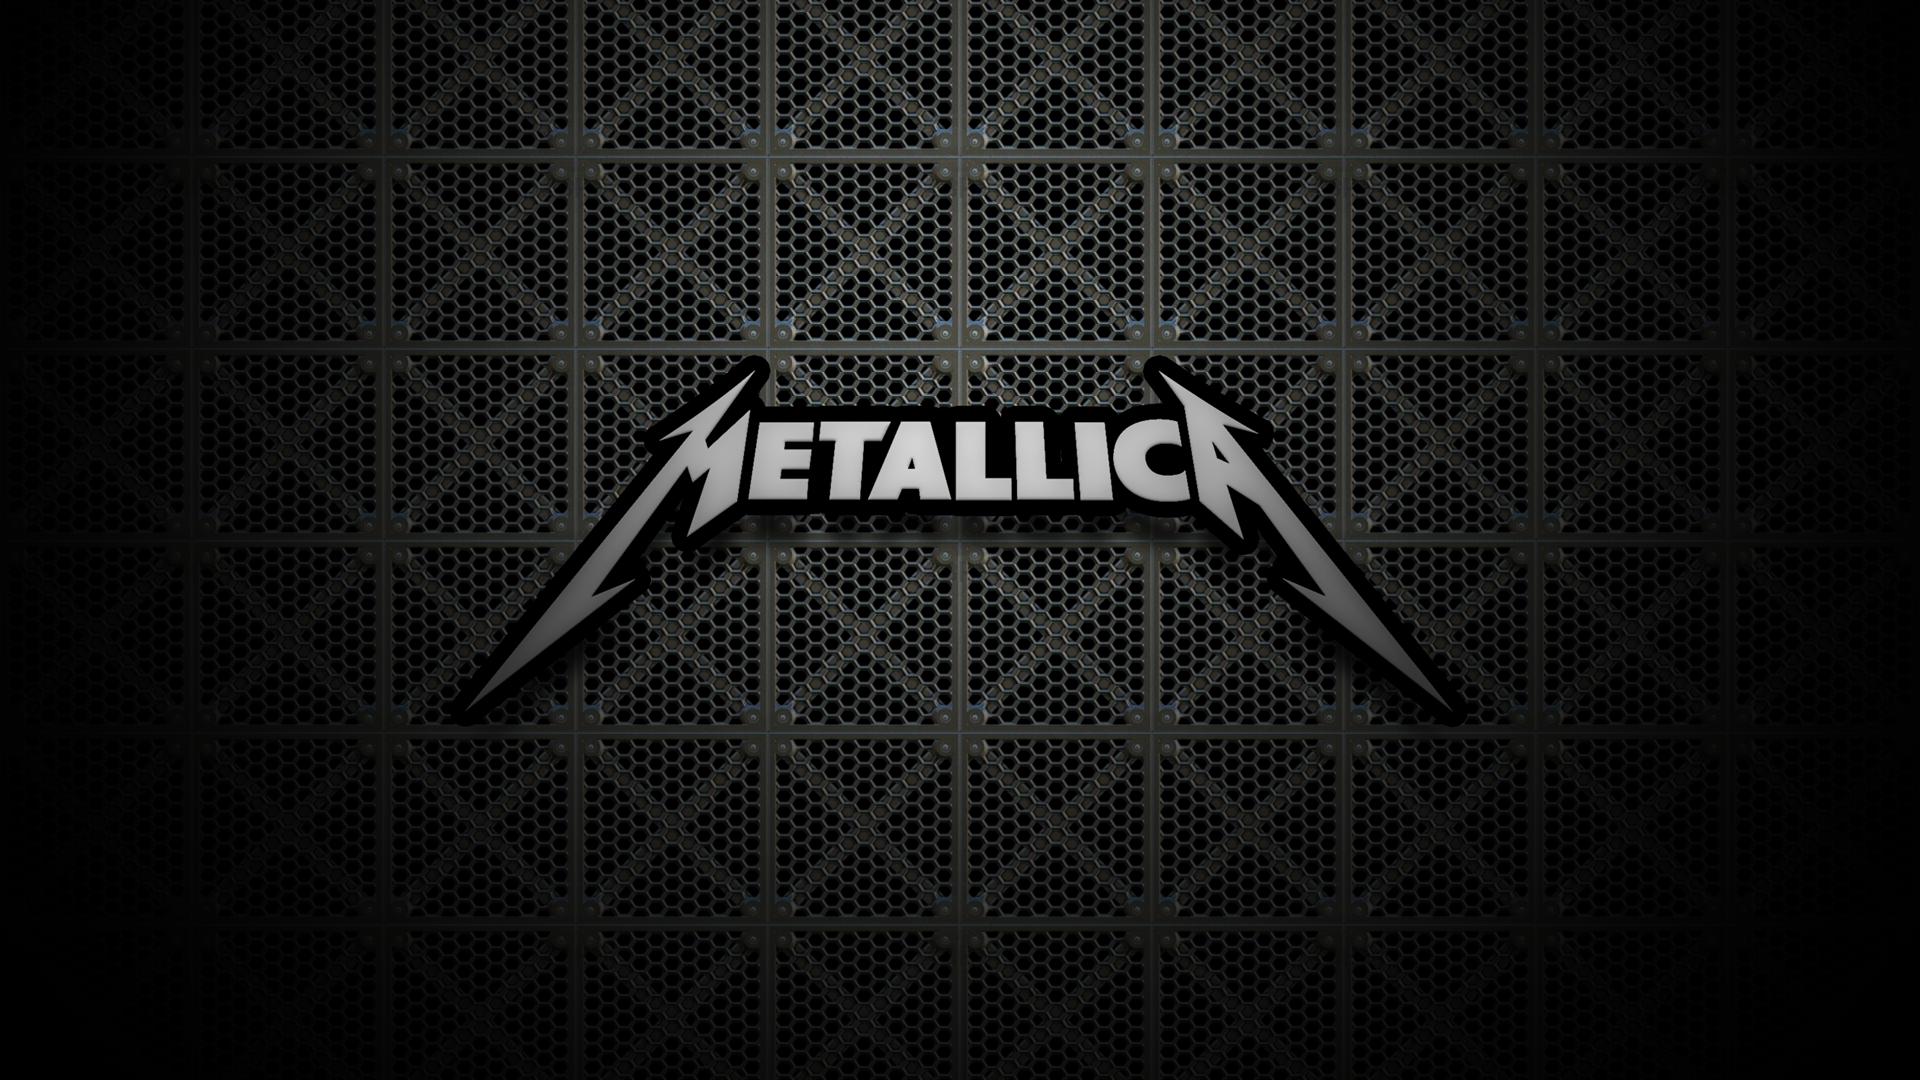 Metallica i dissapear lyrics